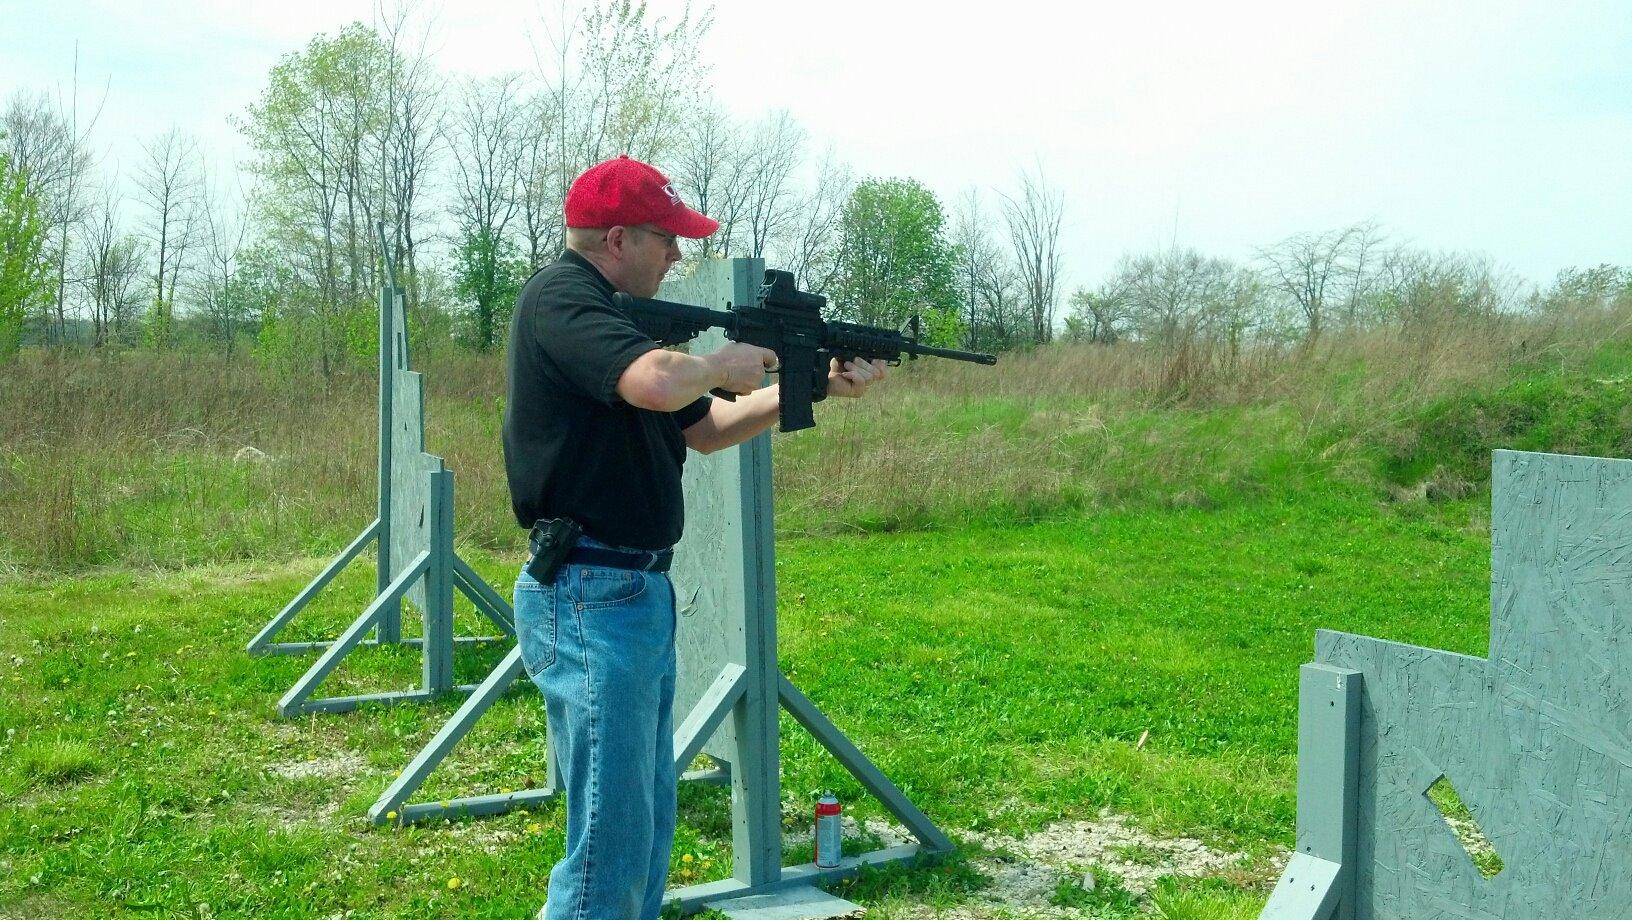 AR-15 Fun time!